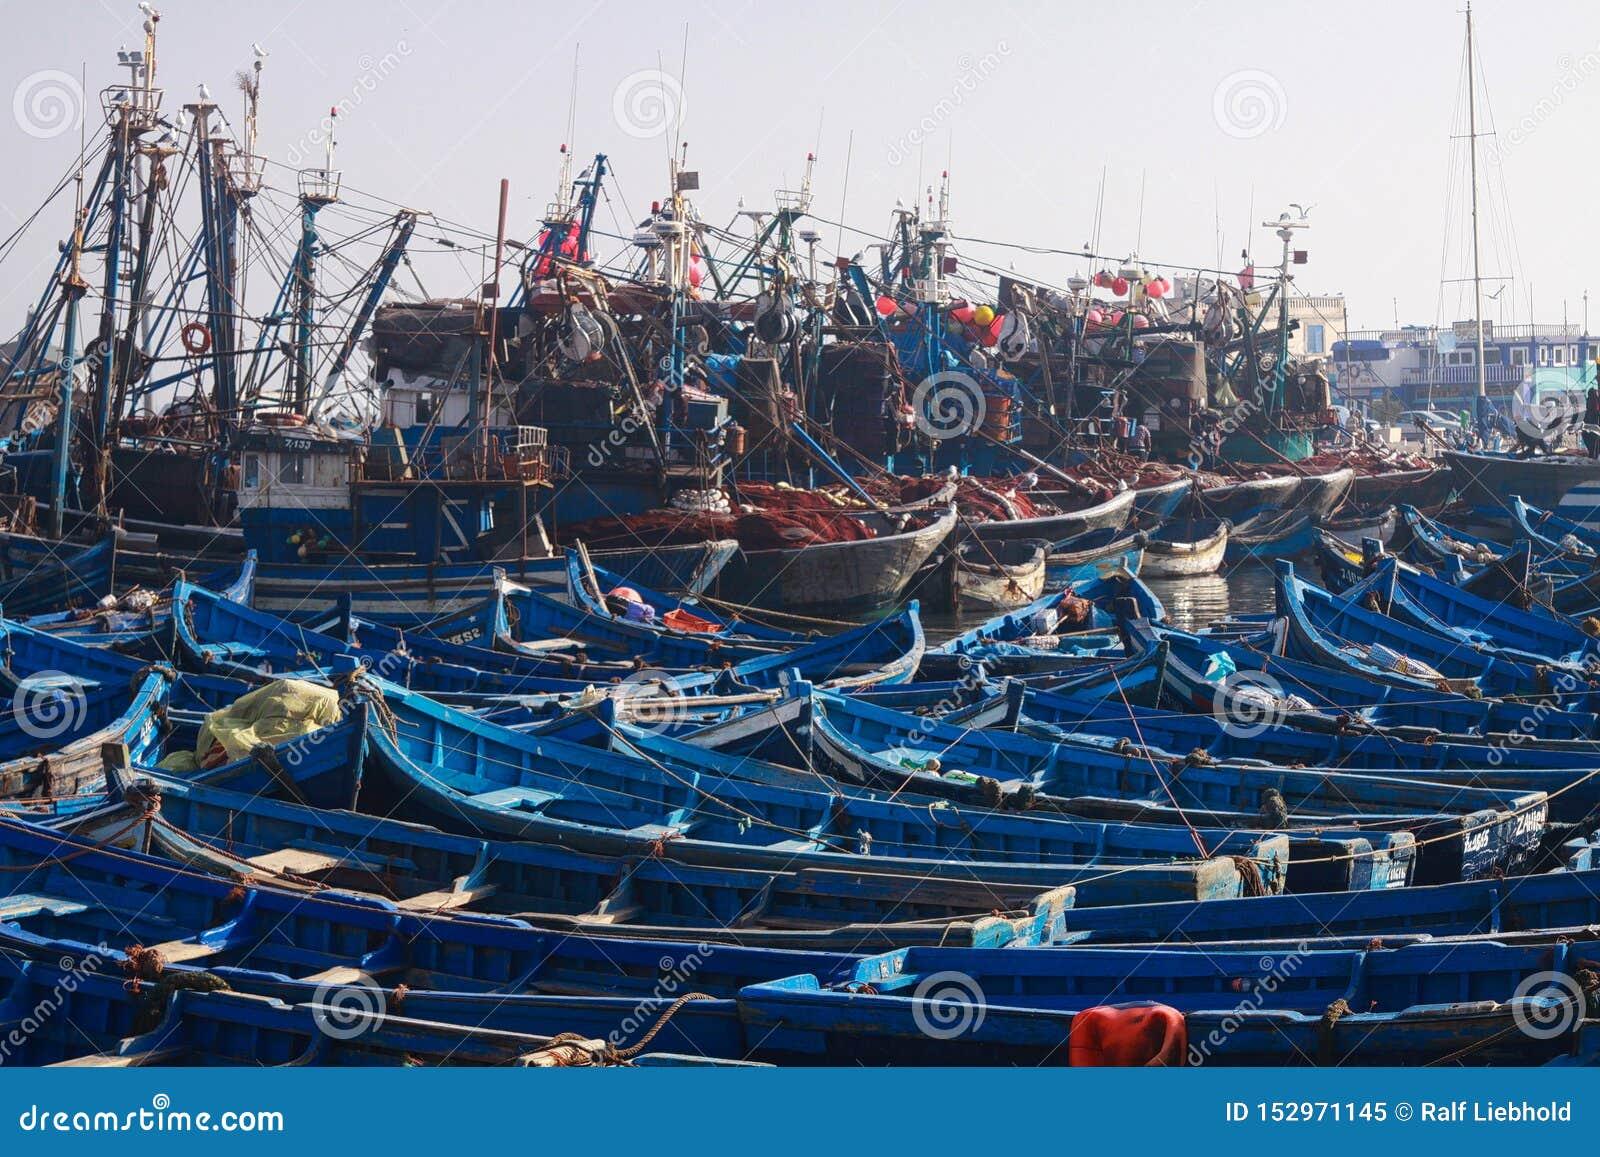 ESSAOUIRA, MARROCOS - 29 DE SETEMBRO 2011: Barcos de pesca azuis incontáveis espremidos junto em um porto totalmente abarrotado